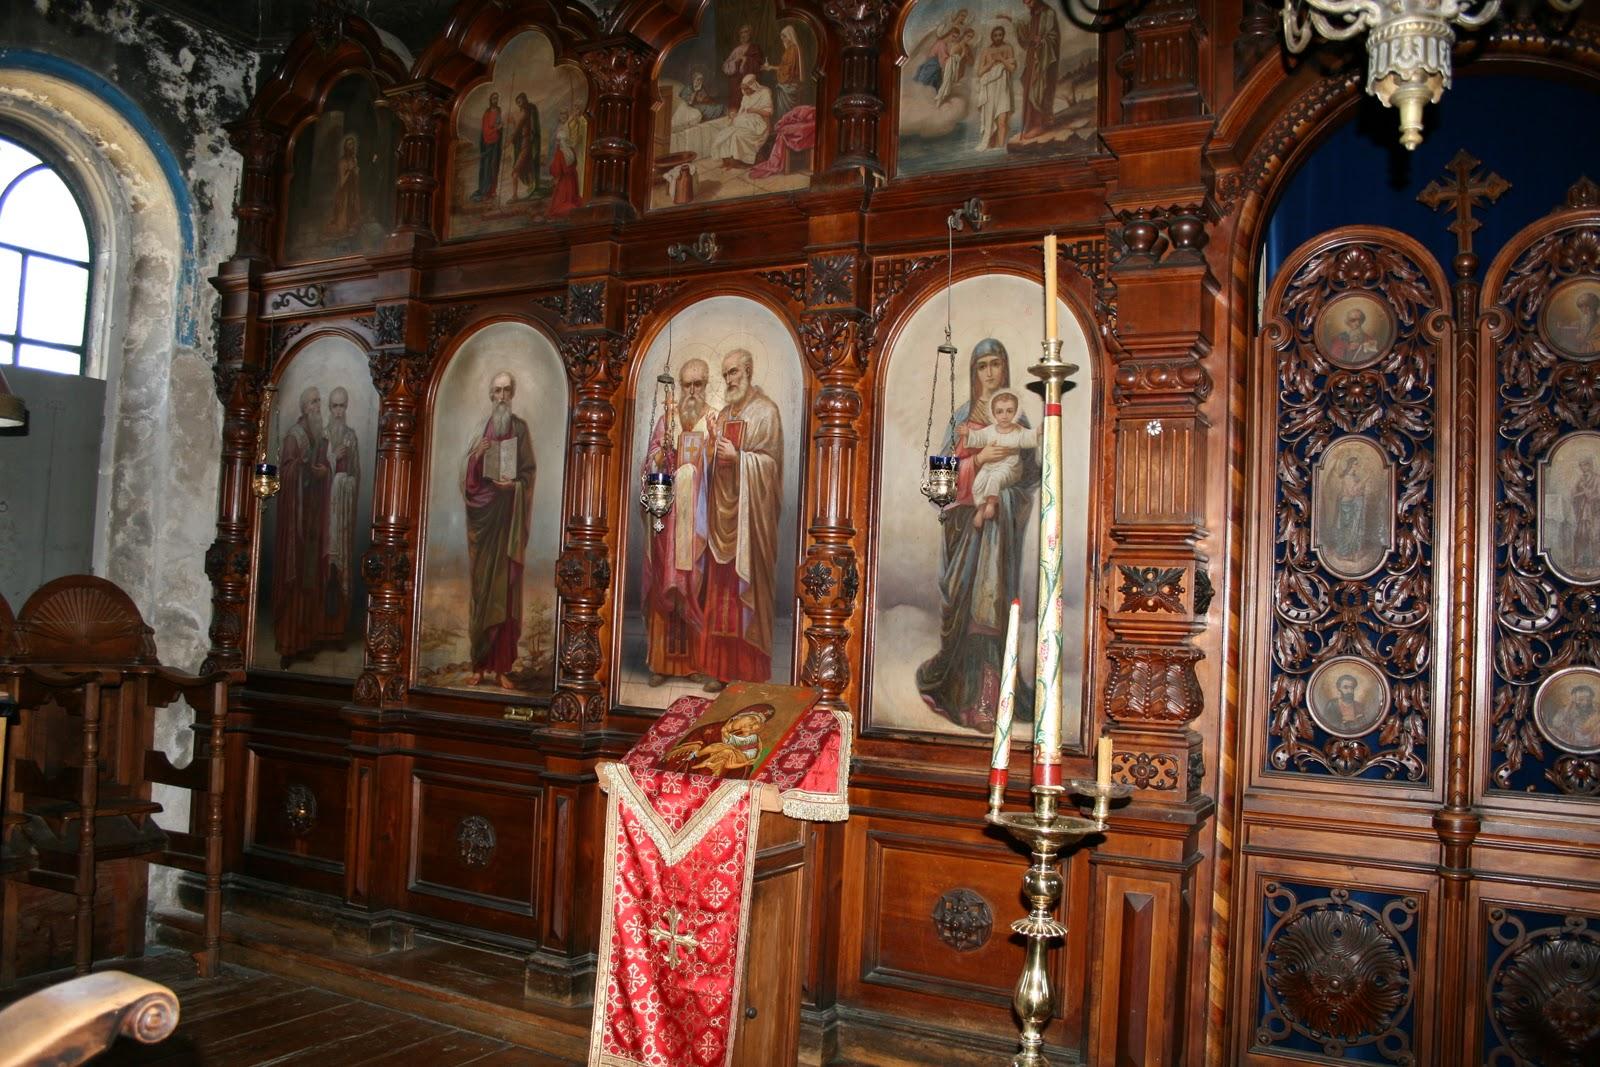 Mount Athos Chapel dans images sacrée